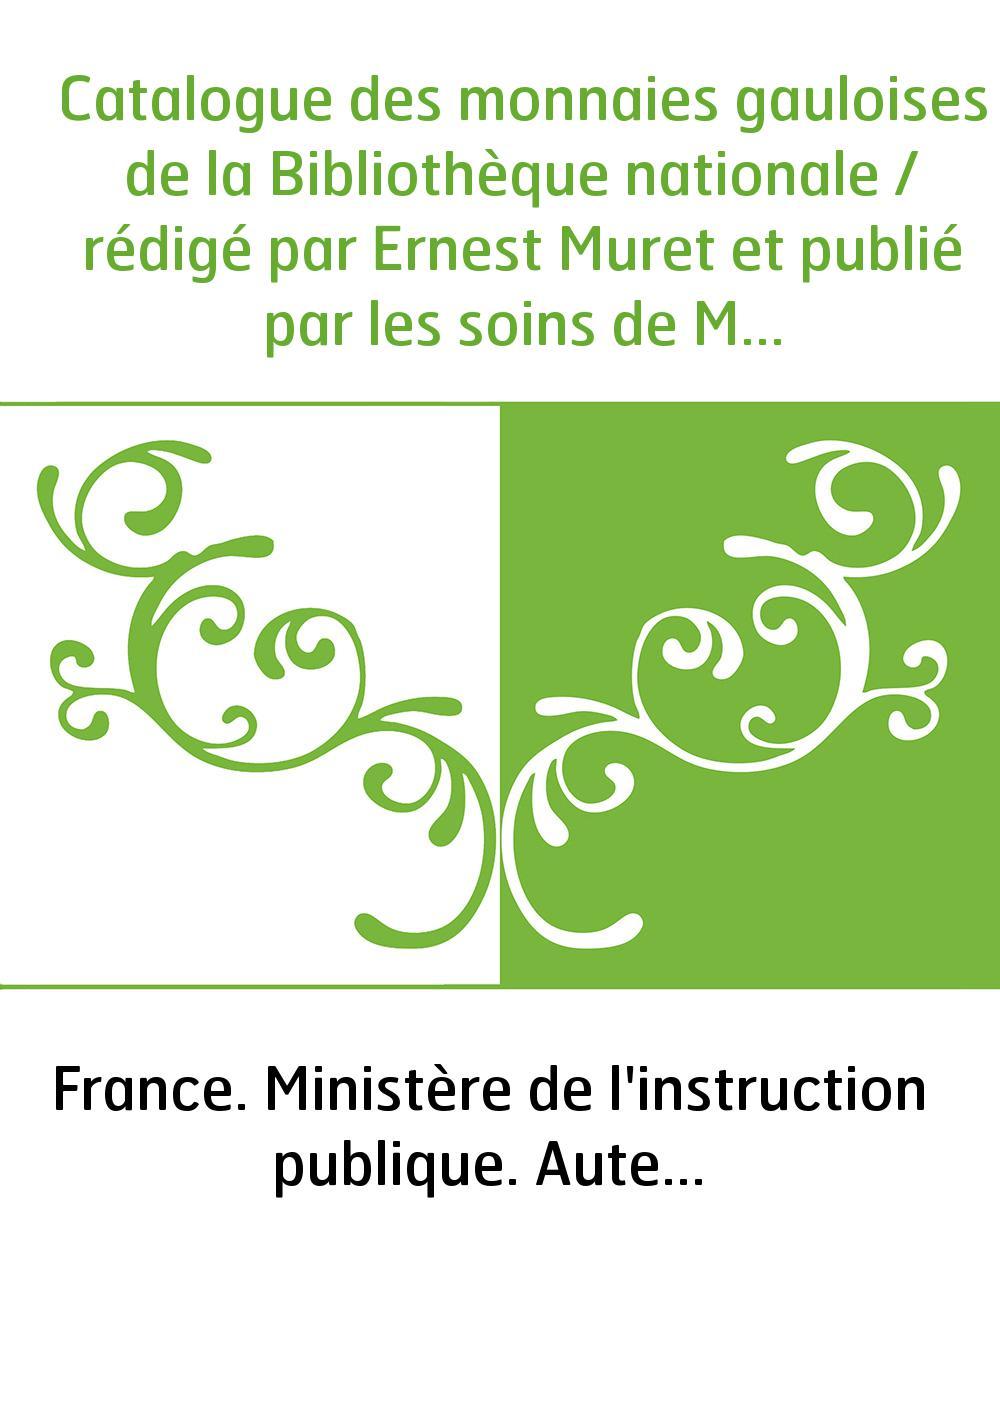 Catalogue des monnaies gauloises de la Bibliothèque nationale / rédigé par Ernest Muret et publié par les soins de M A. Chabouil